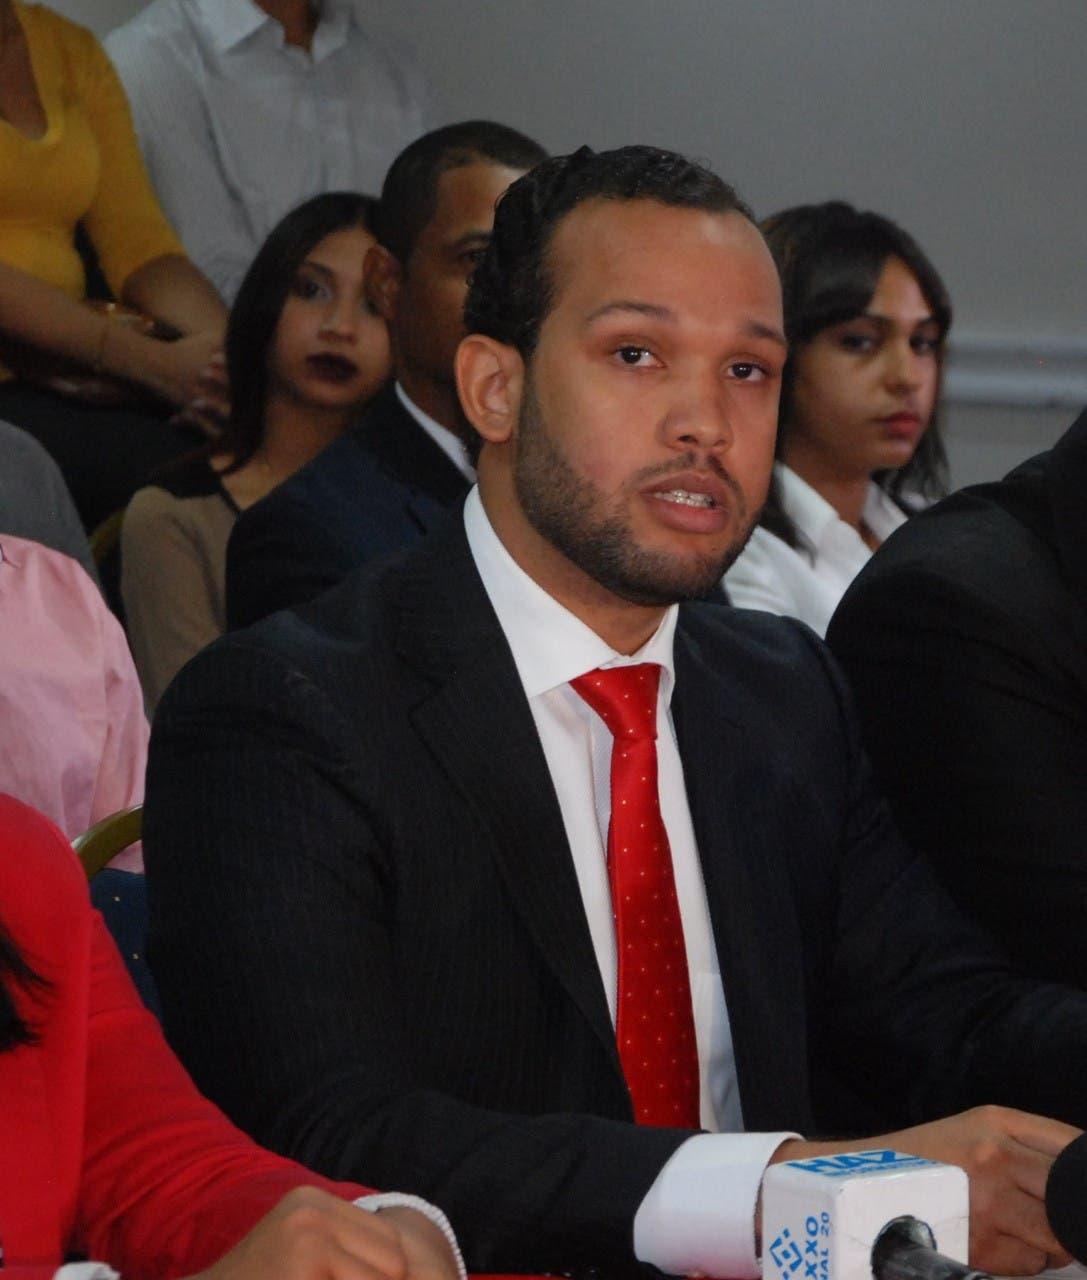 JRSC llama a la juventud dominicana a tomar los partidos y hacer los cambios que estos necesitan